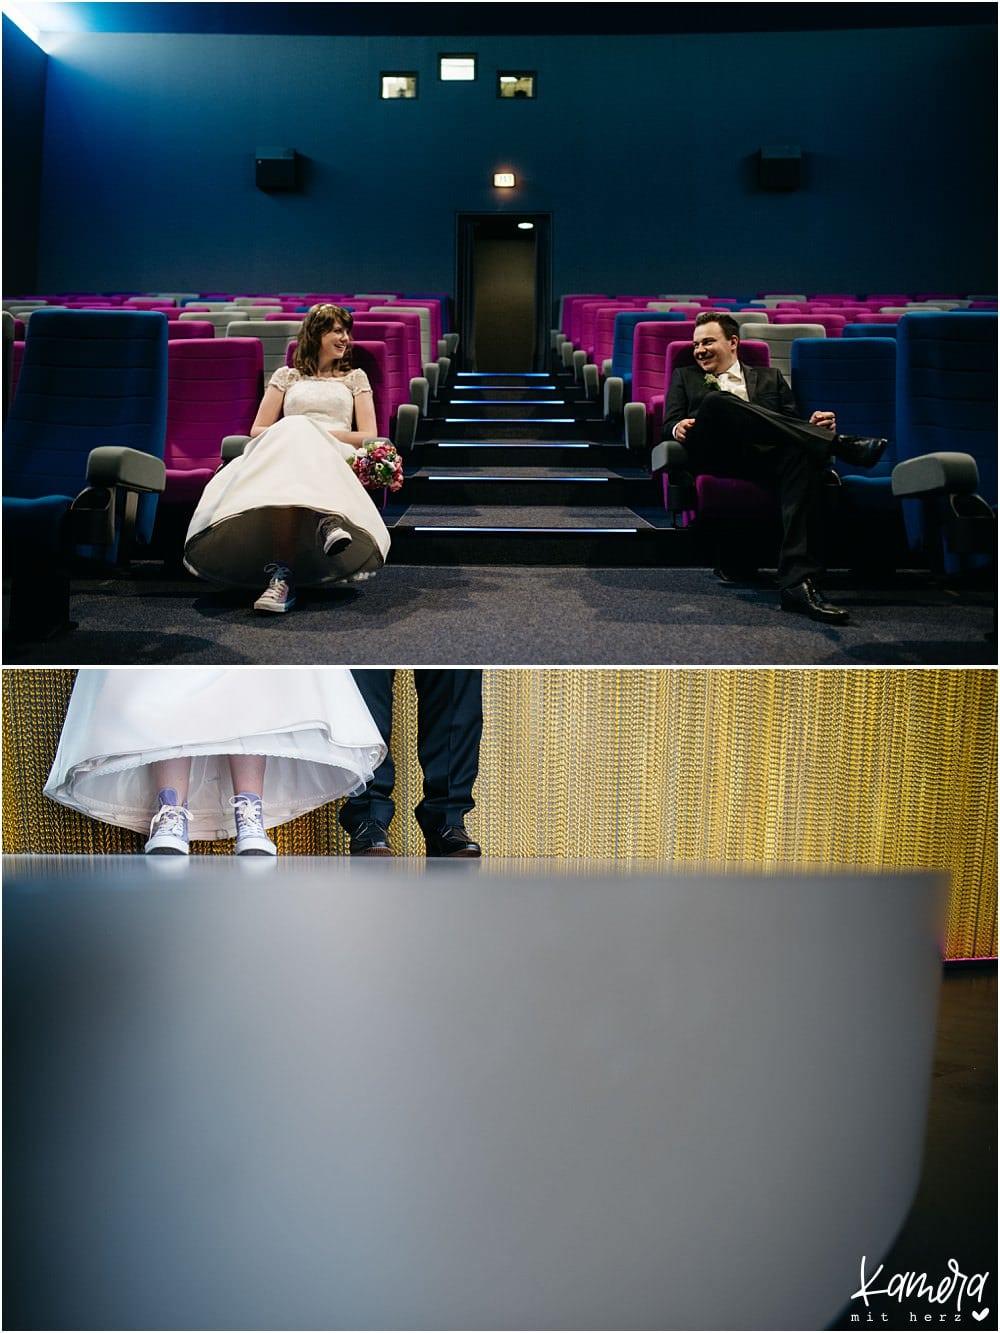 Moderne Hochzeitsfotos im Kino